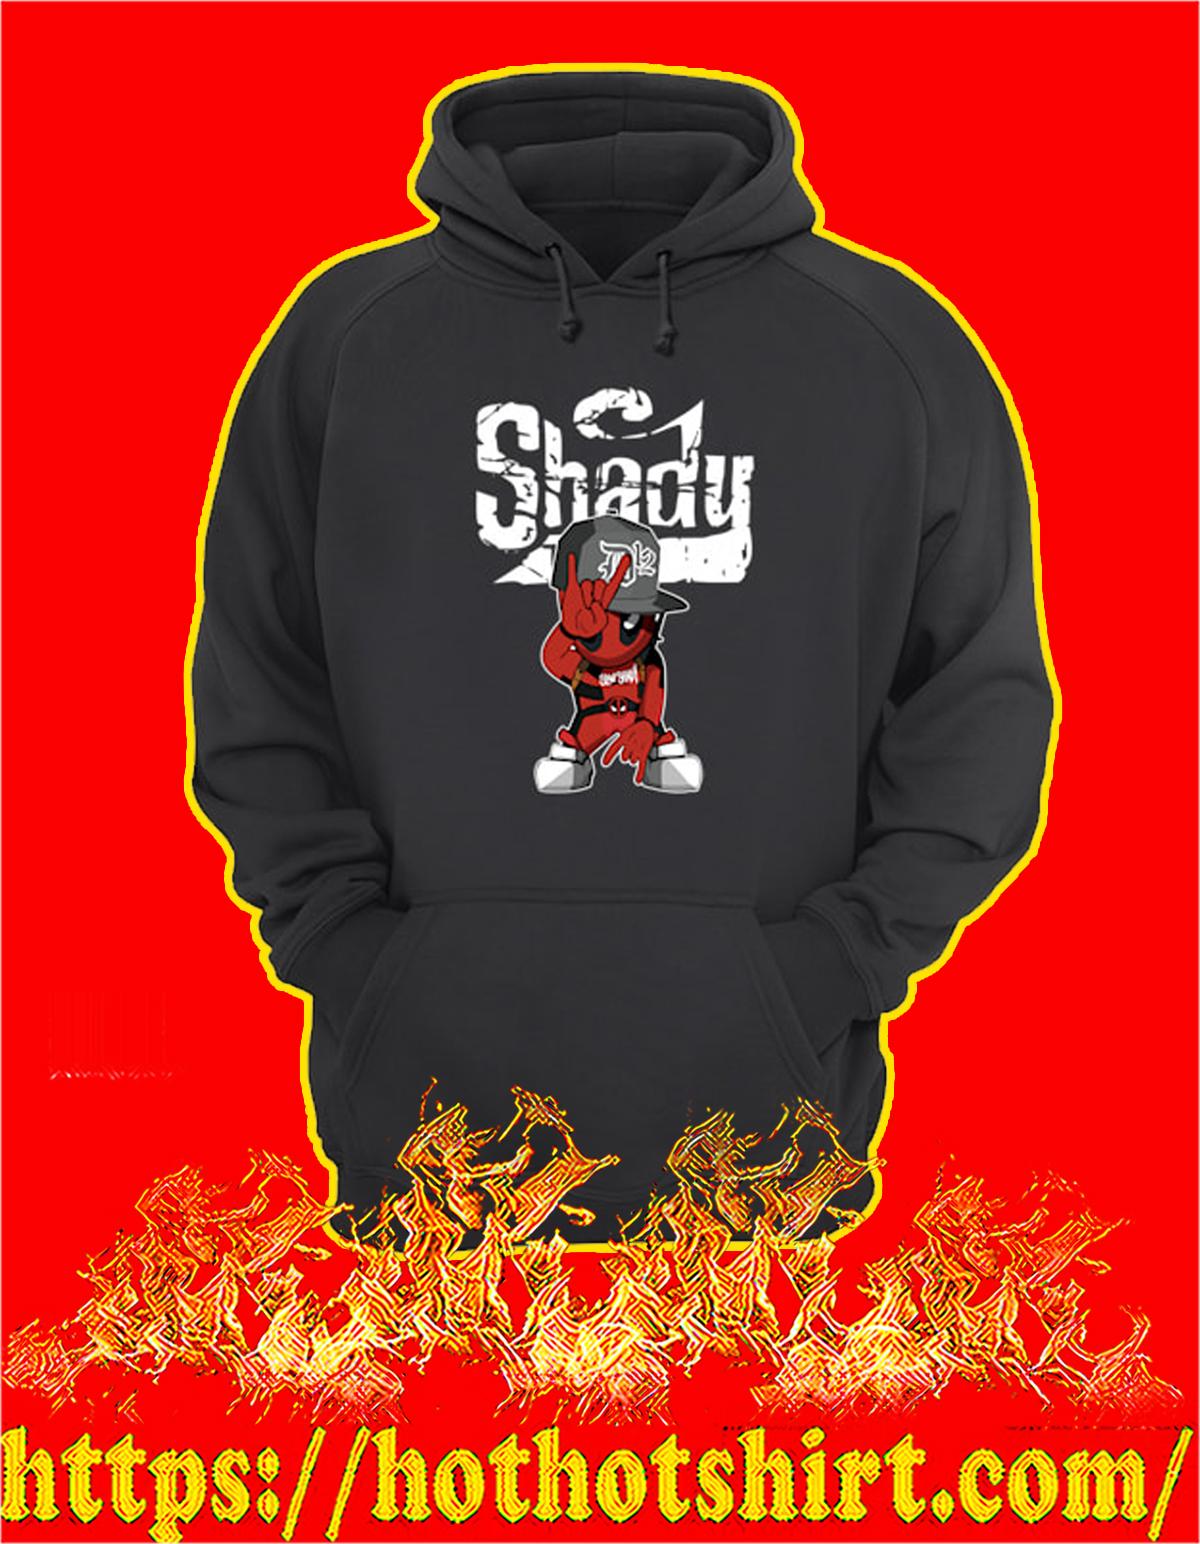 Slim shady D12 deadpool hoodie